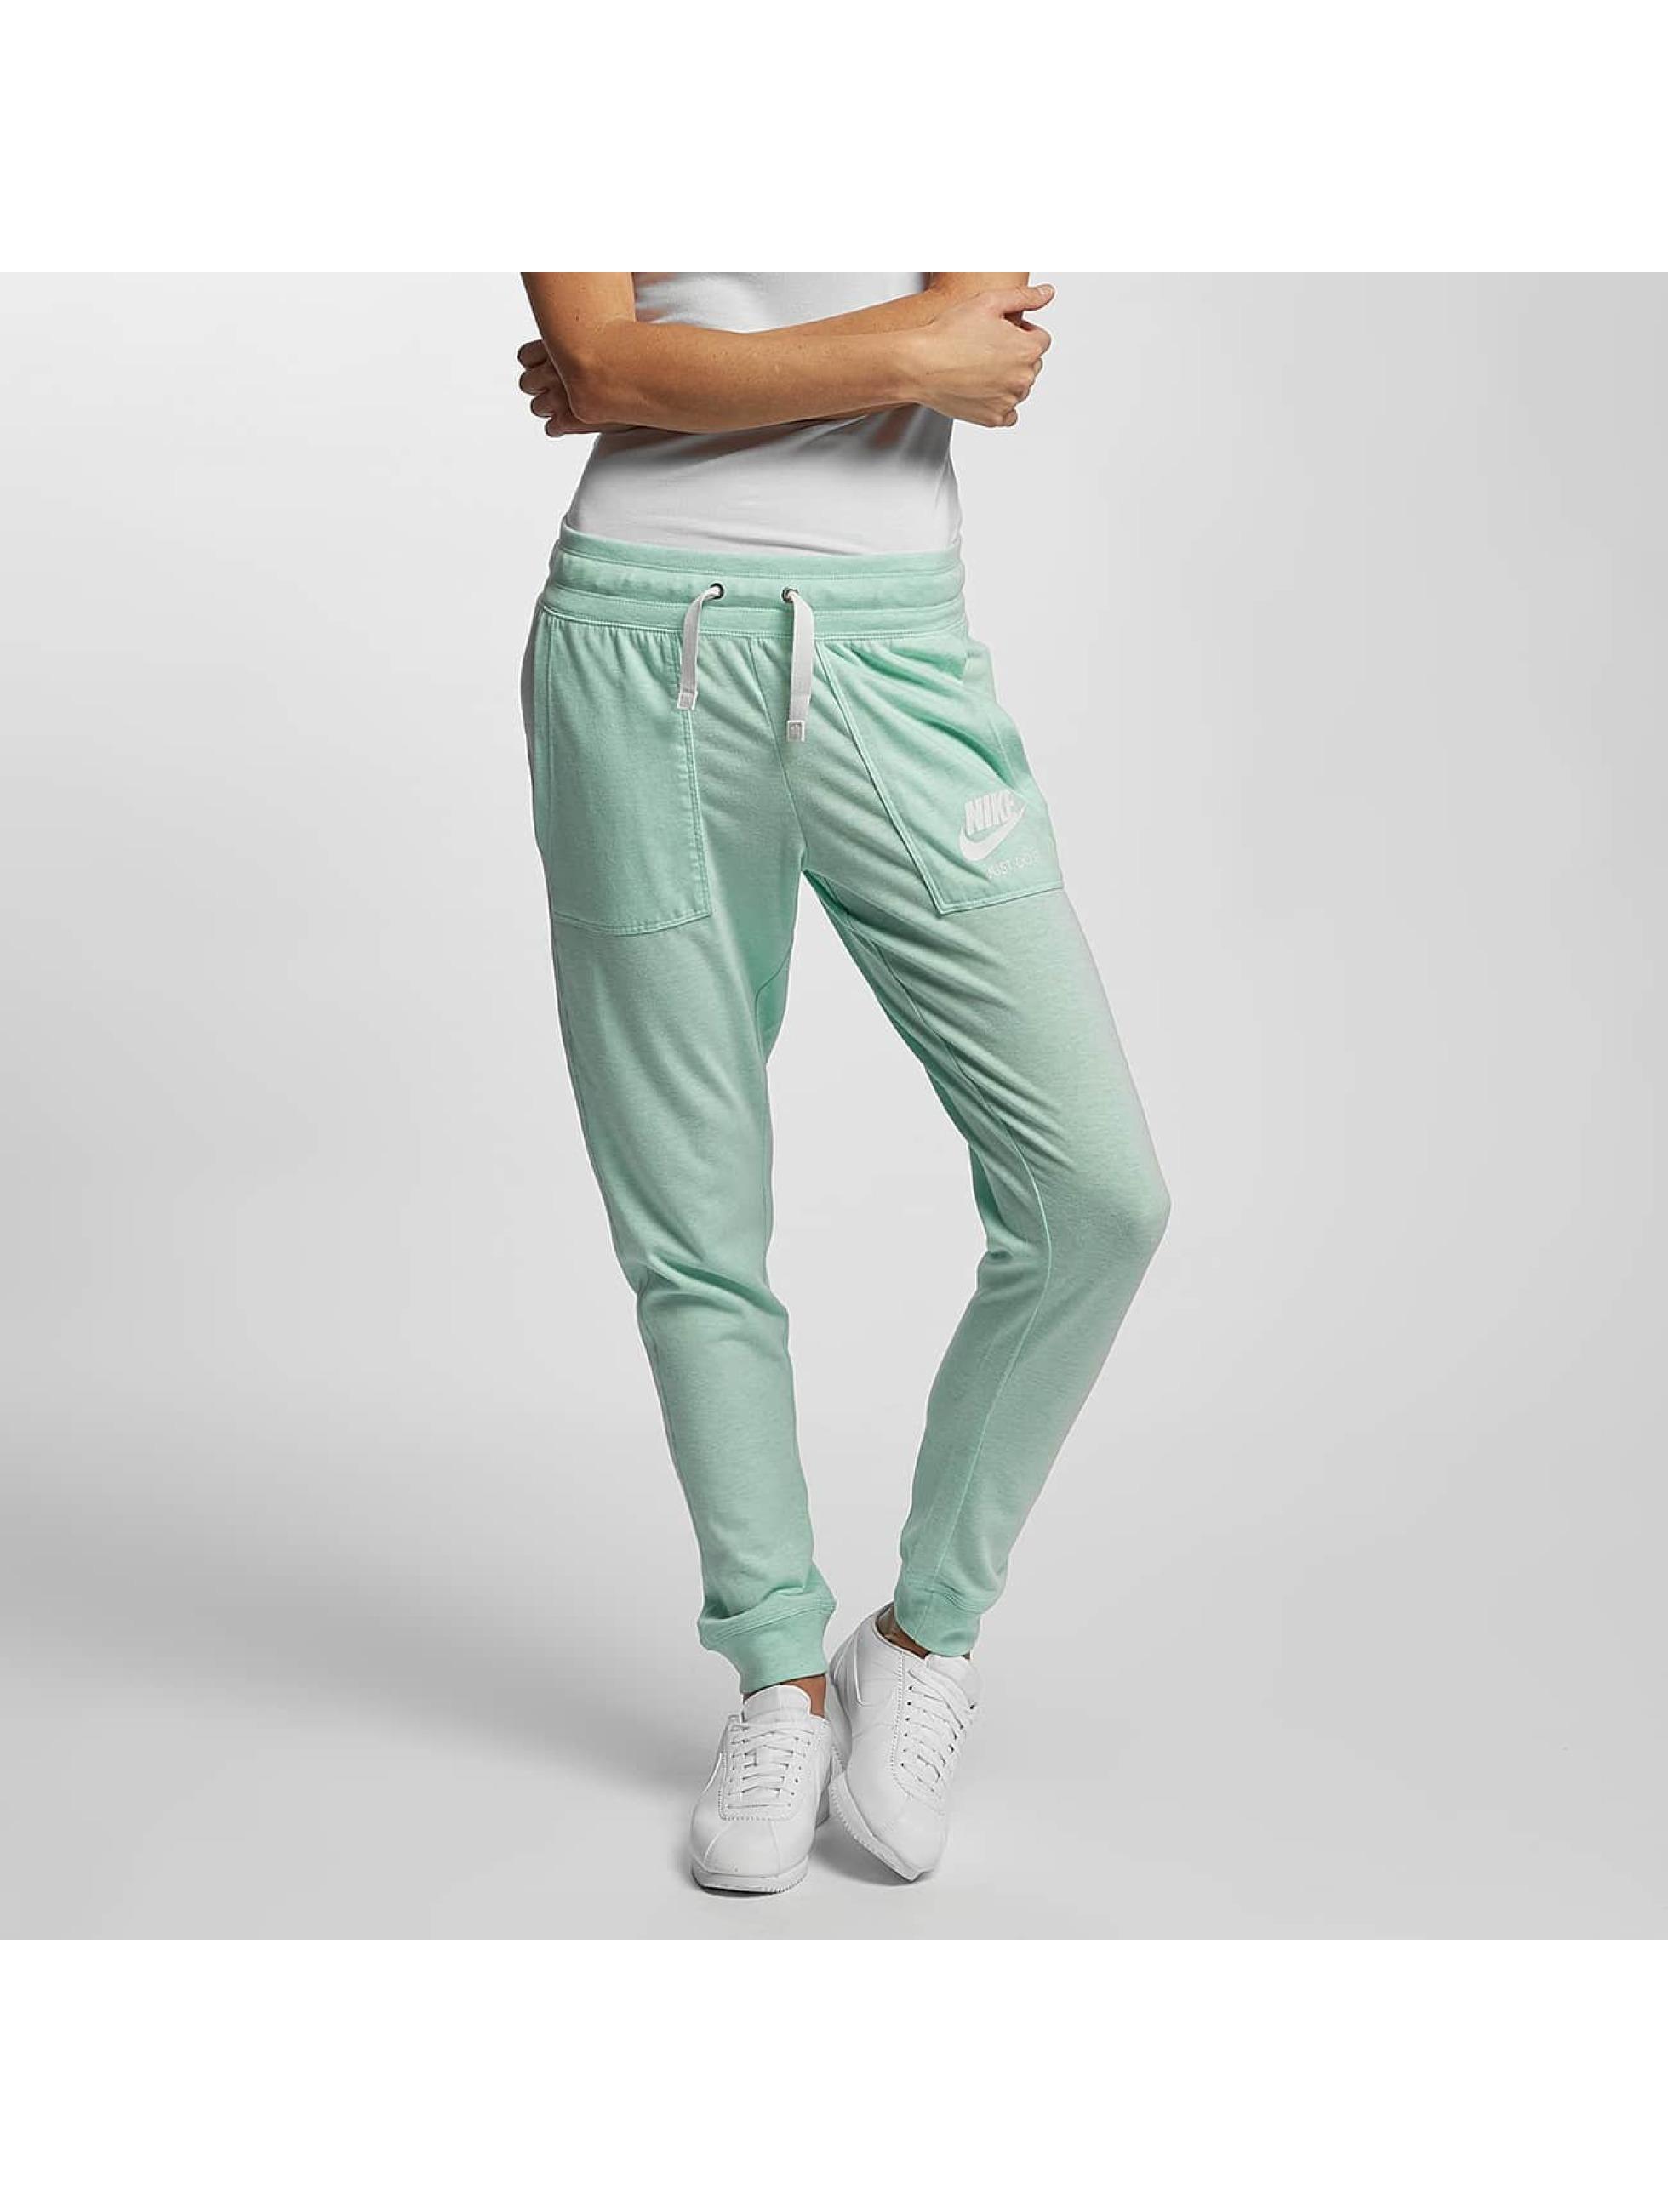 Nike Frauen Jogginghose Vintage in grün